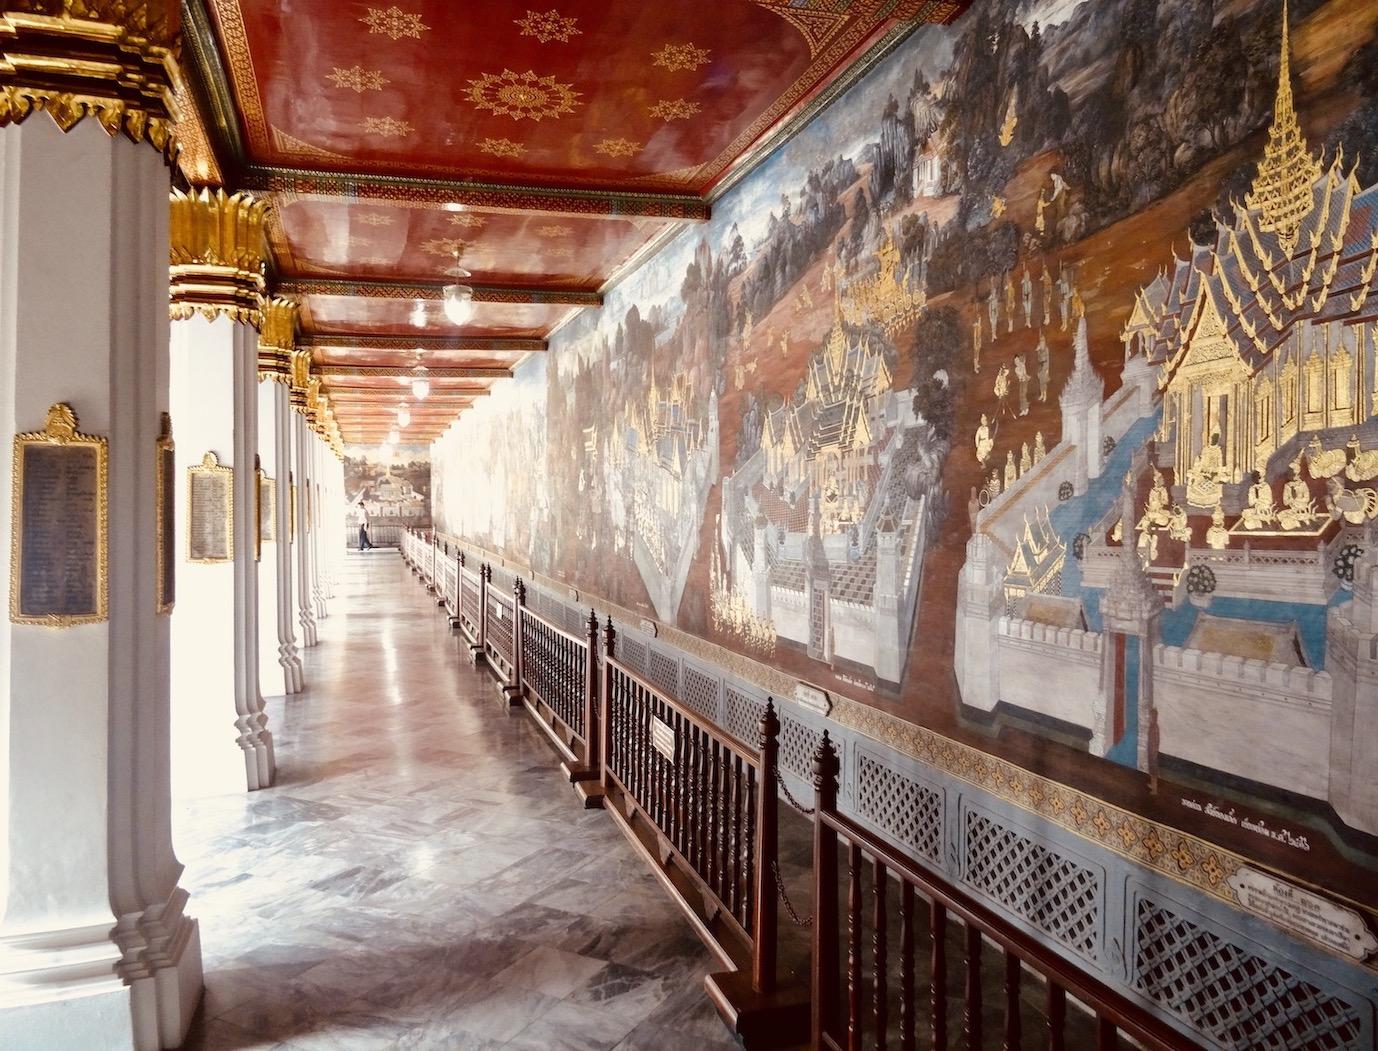 Exploring the Grand Palace in Bangkok